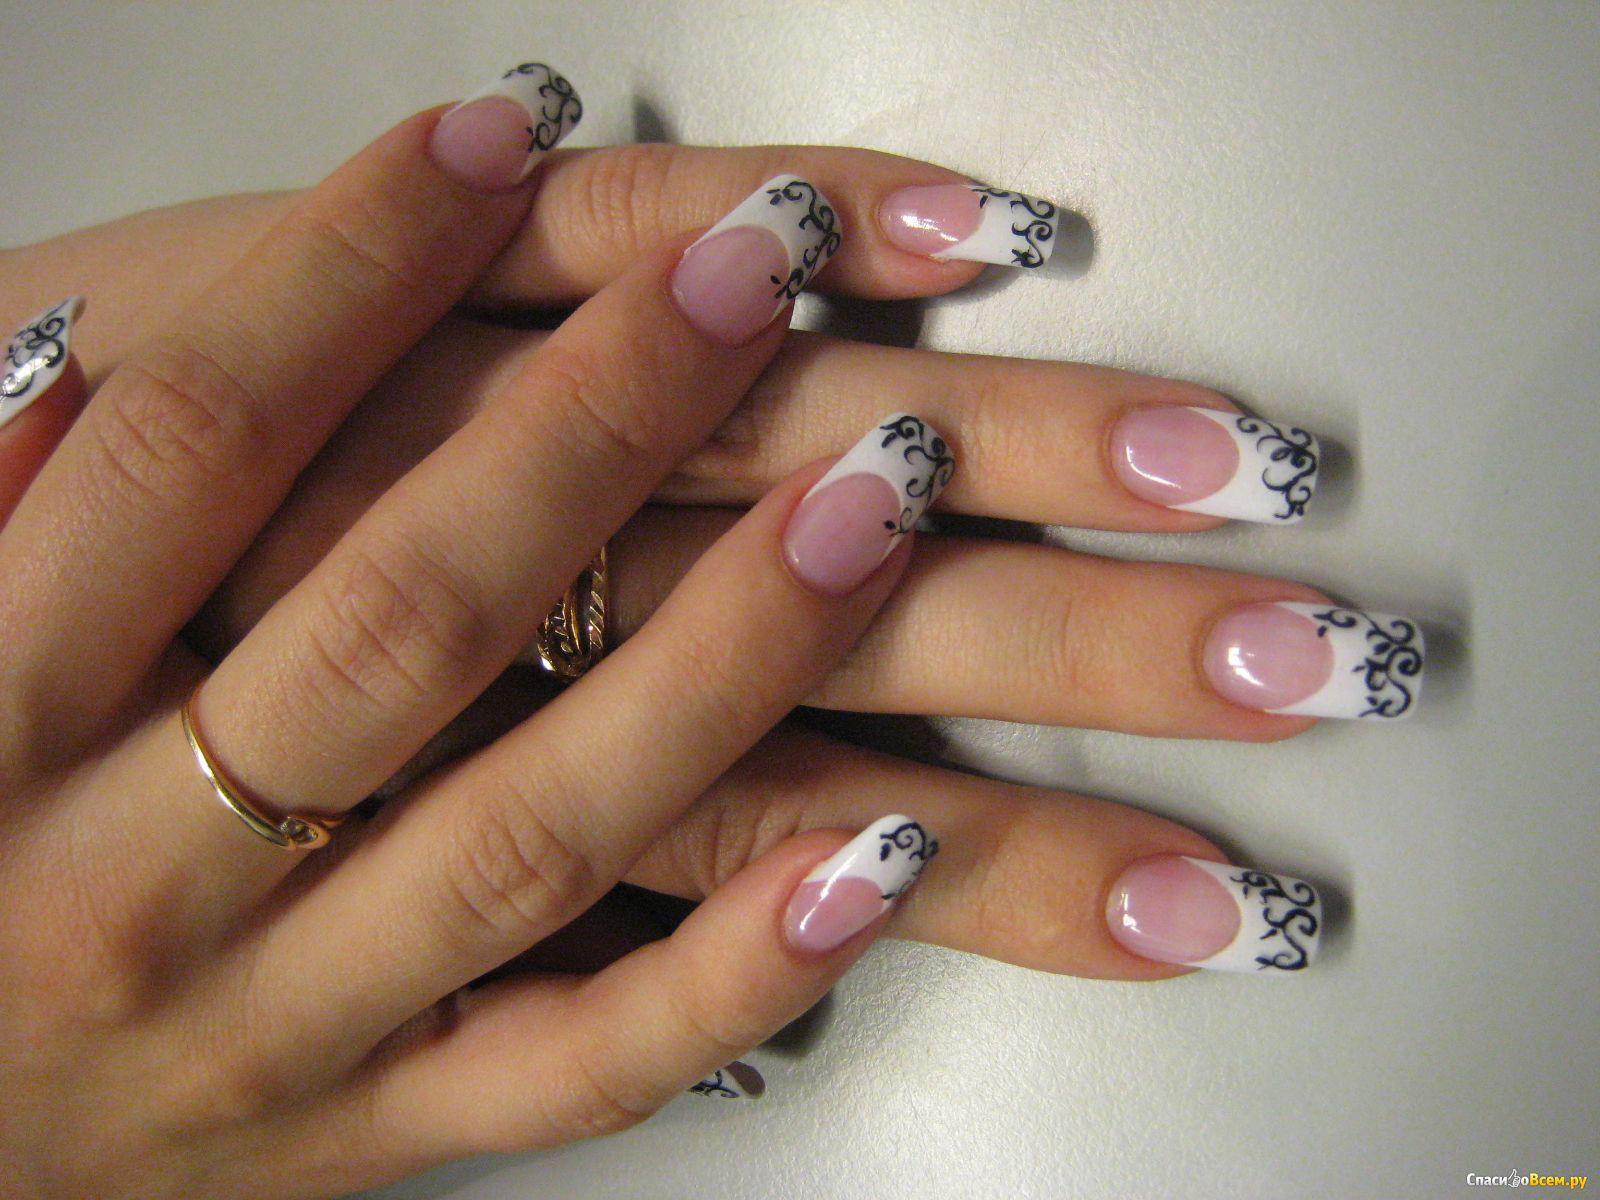 Лебеди на ногтях фото